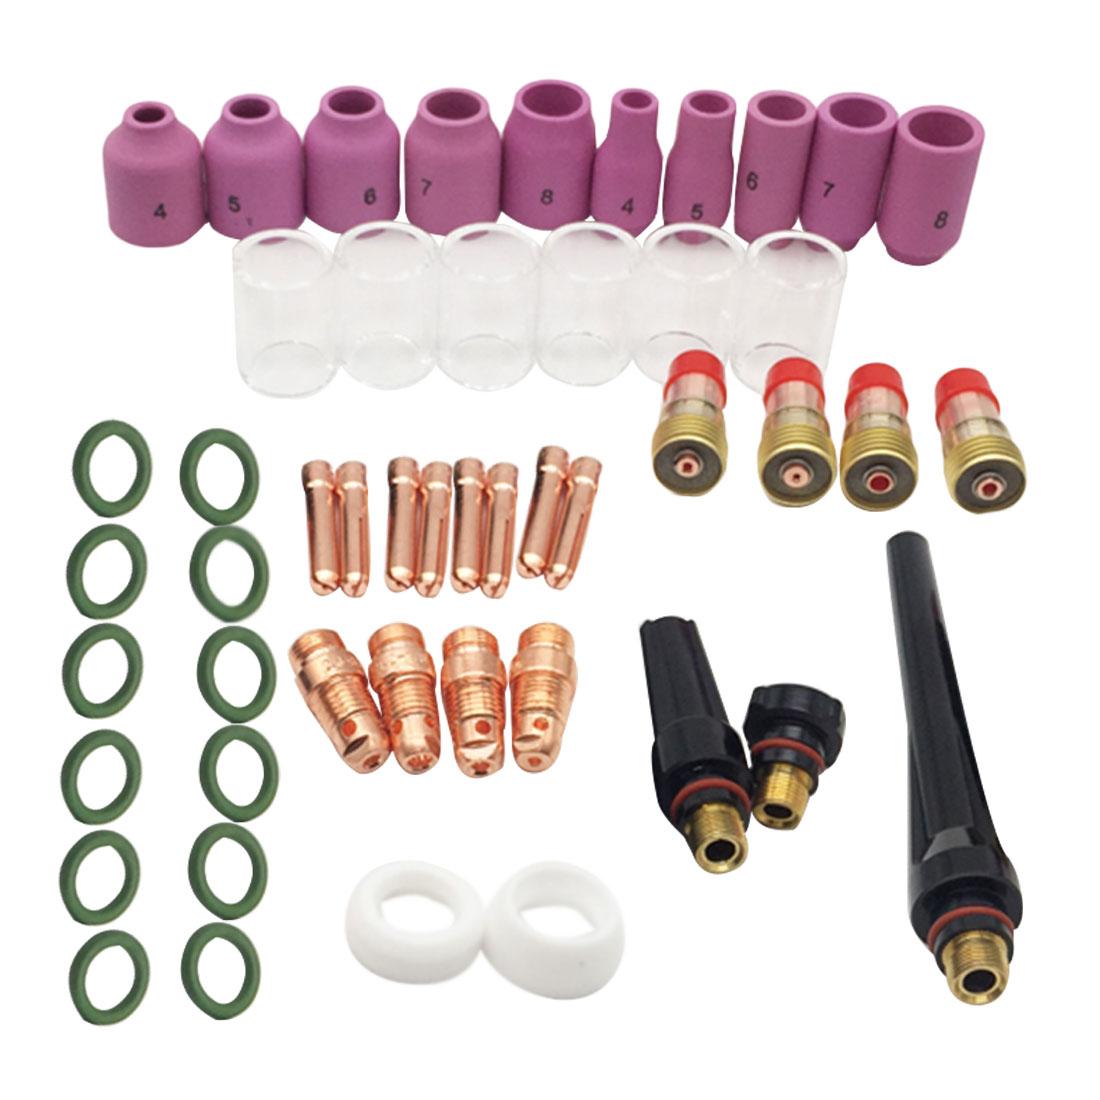 49 stücke Wig-schweißbrenner Stubby Gas Objektiv Kit Tasse Collet Körper Düse für WP 17/18/26 schweißen Maschine Zubehör